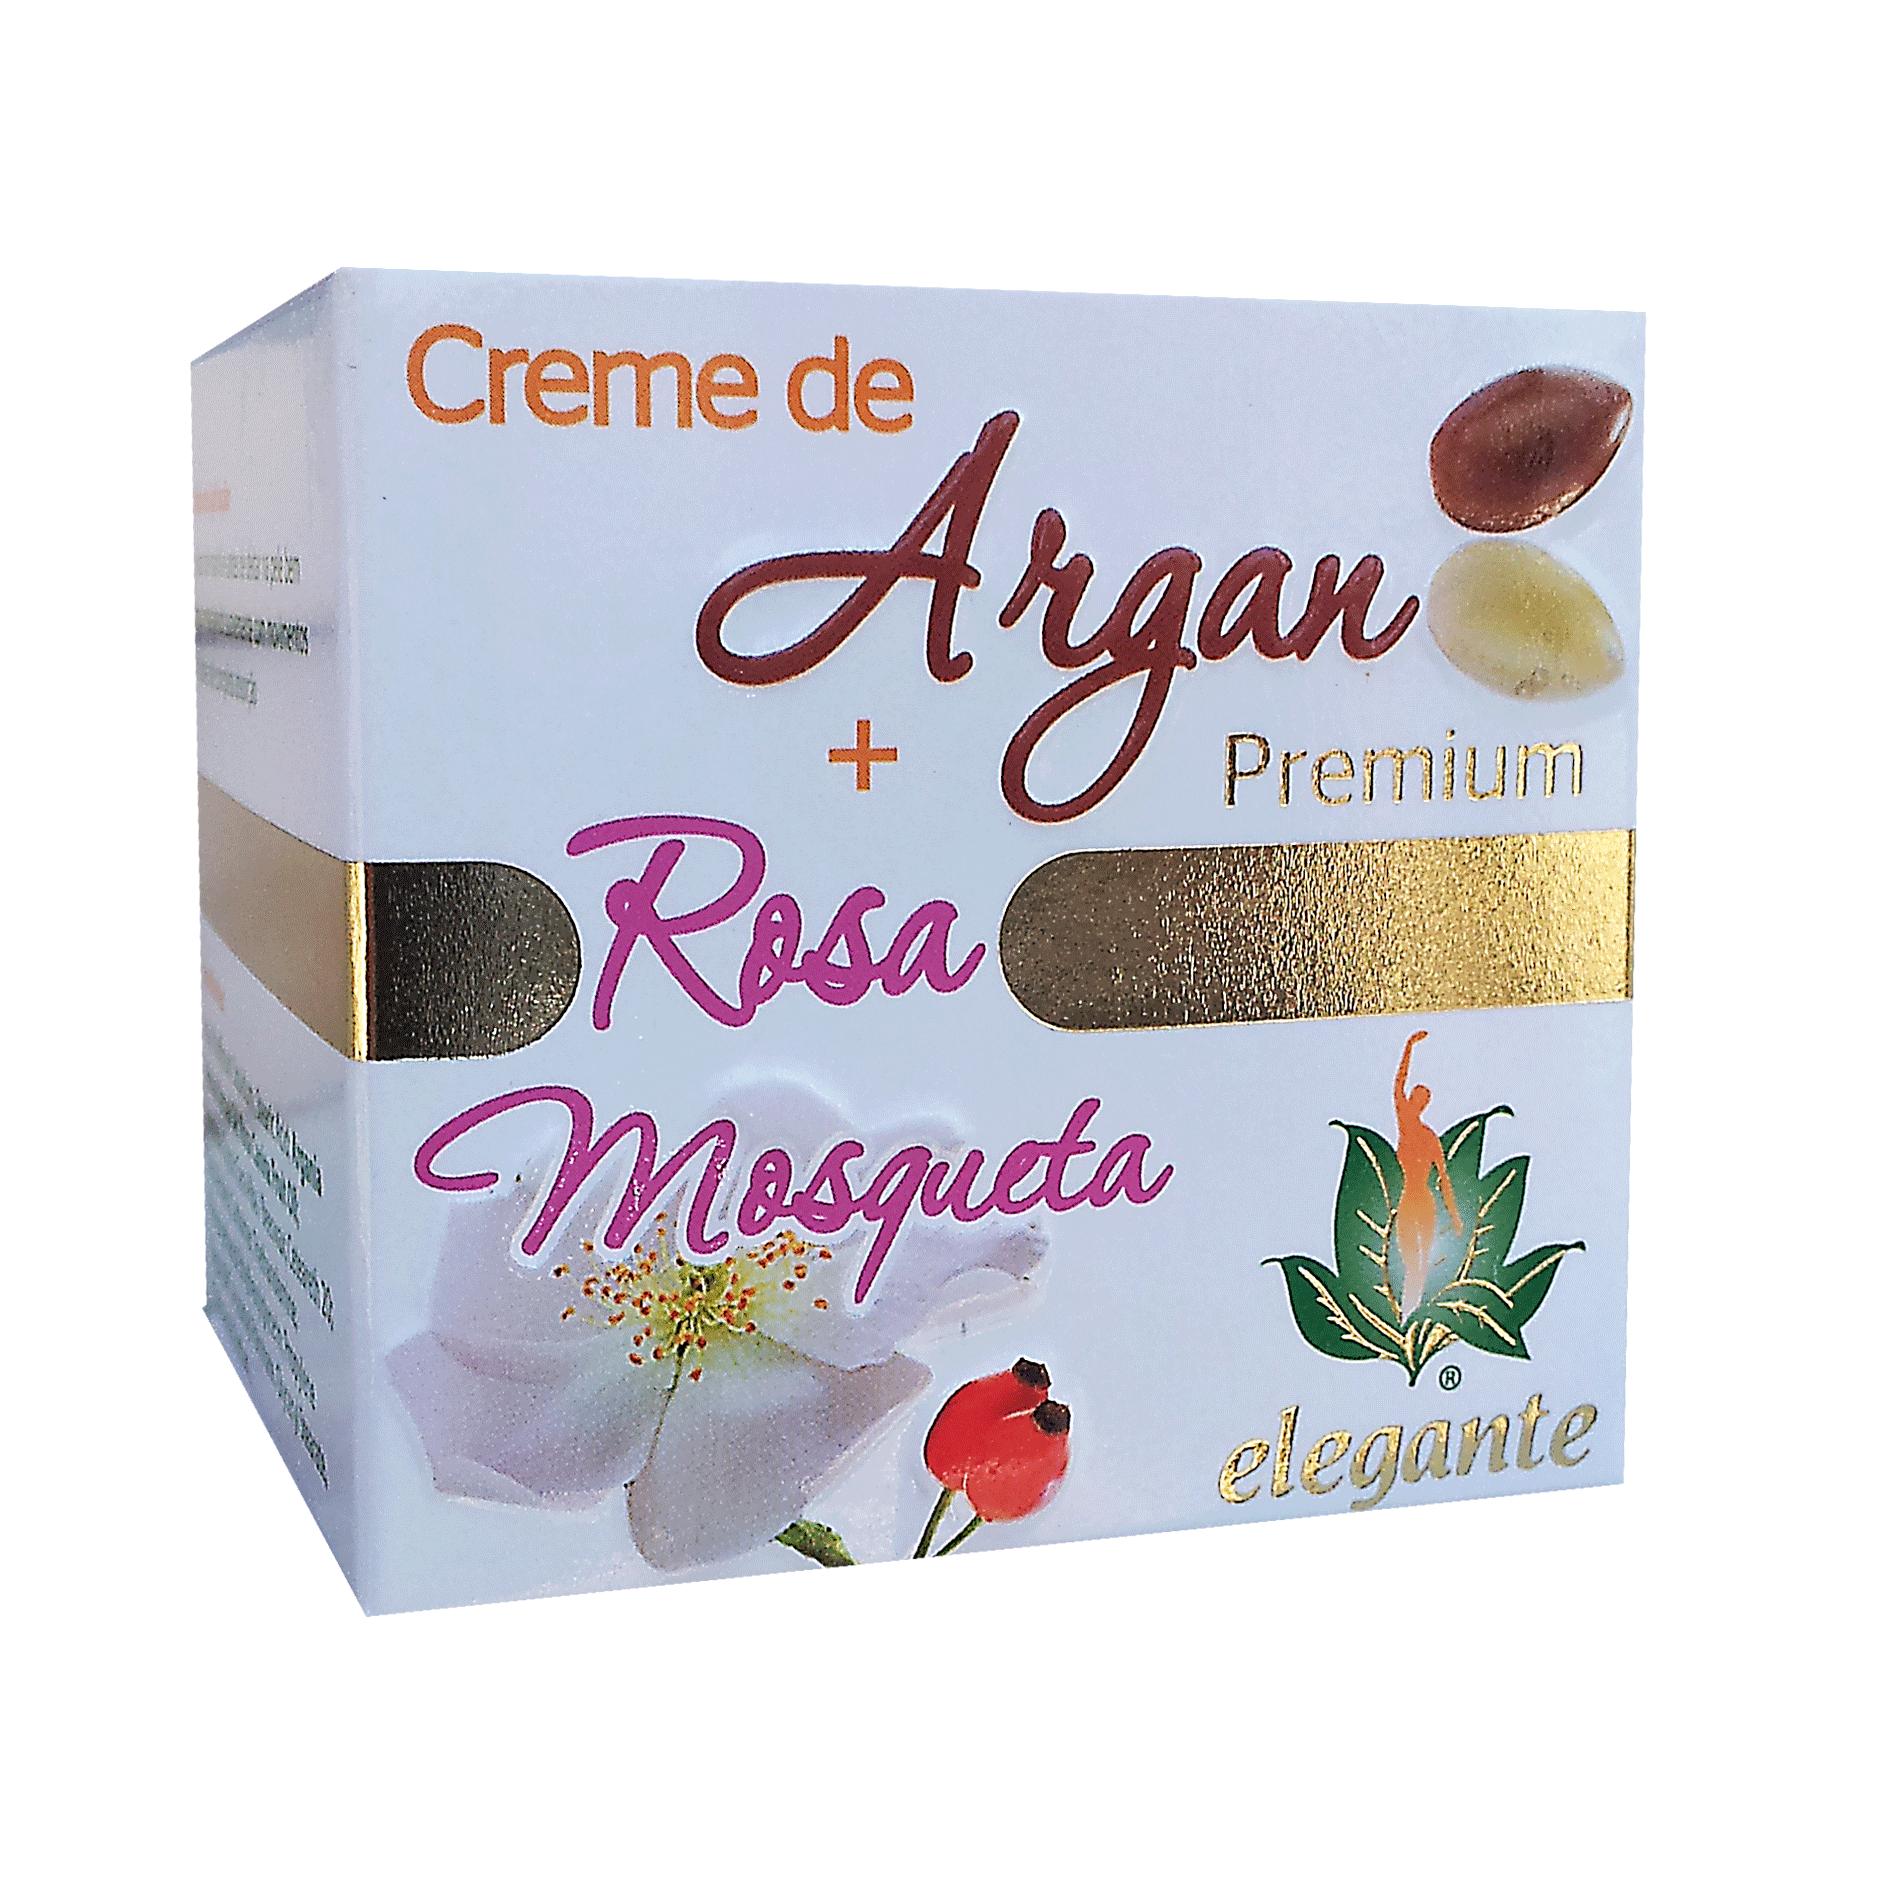 Creme de Argan + Rosa Mosqueta PREMIUM